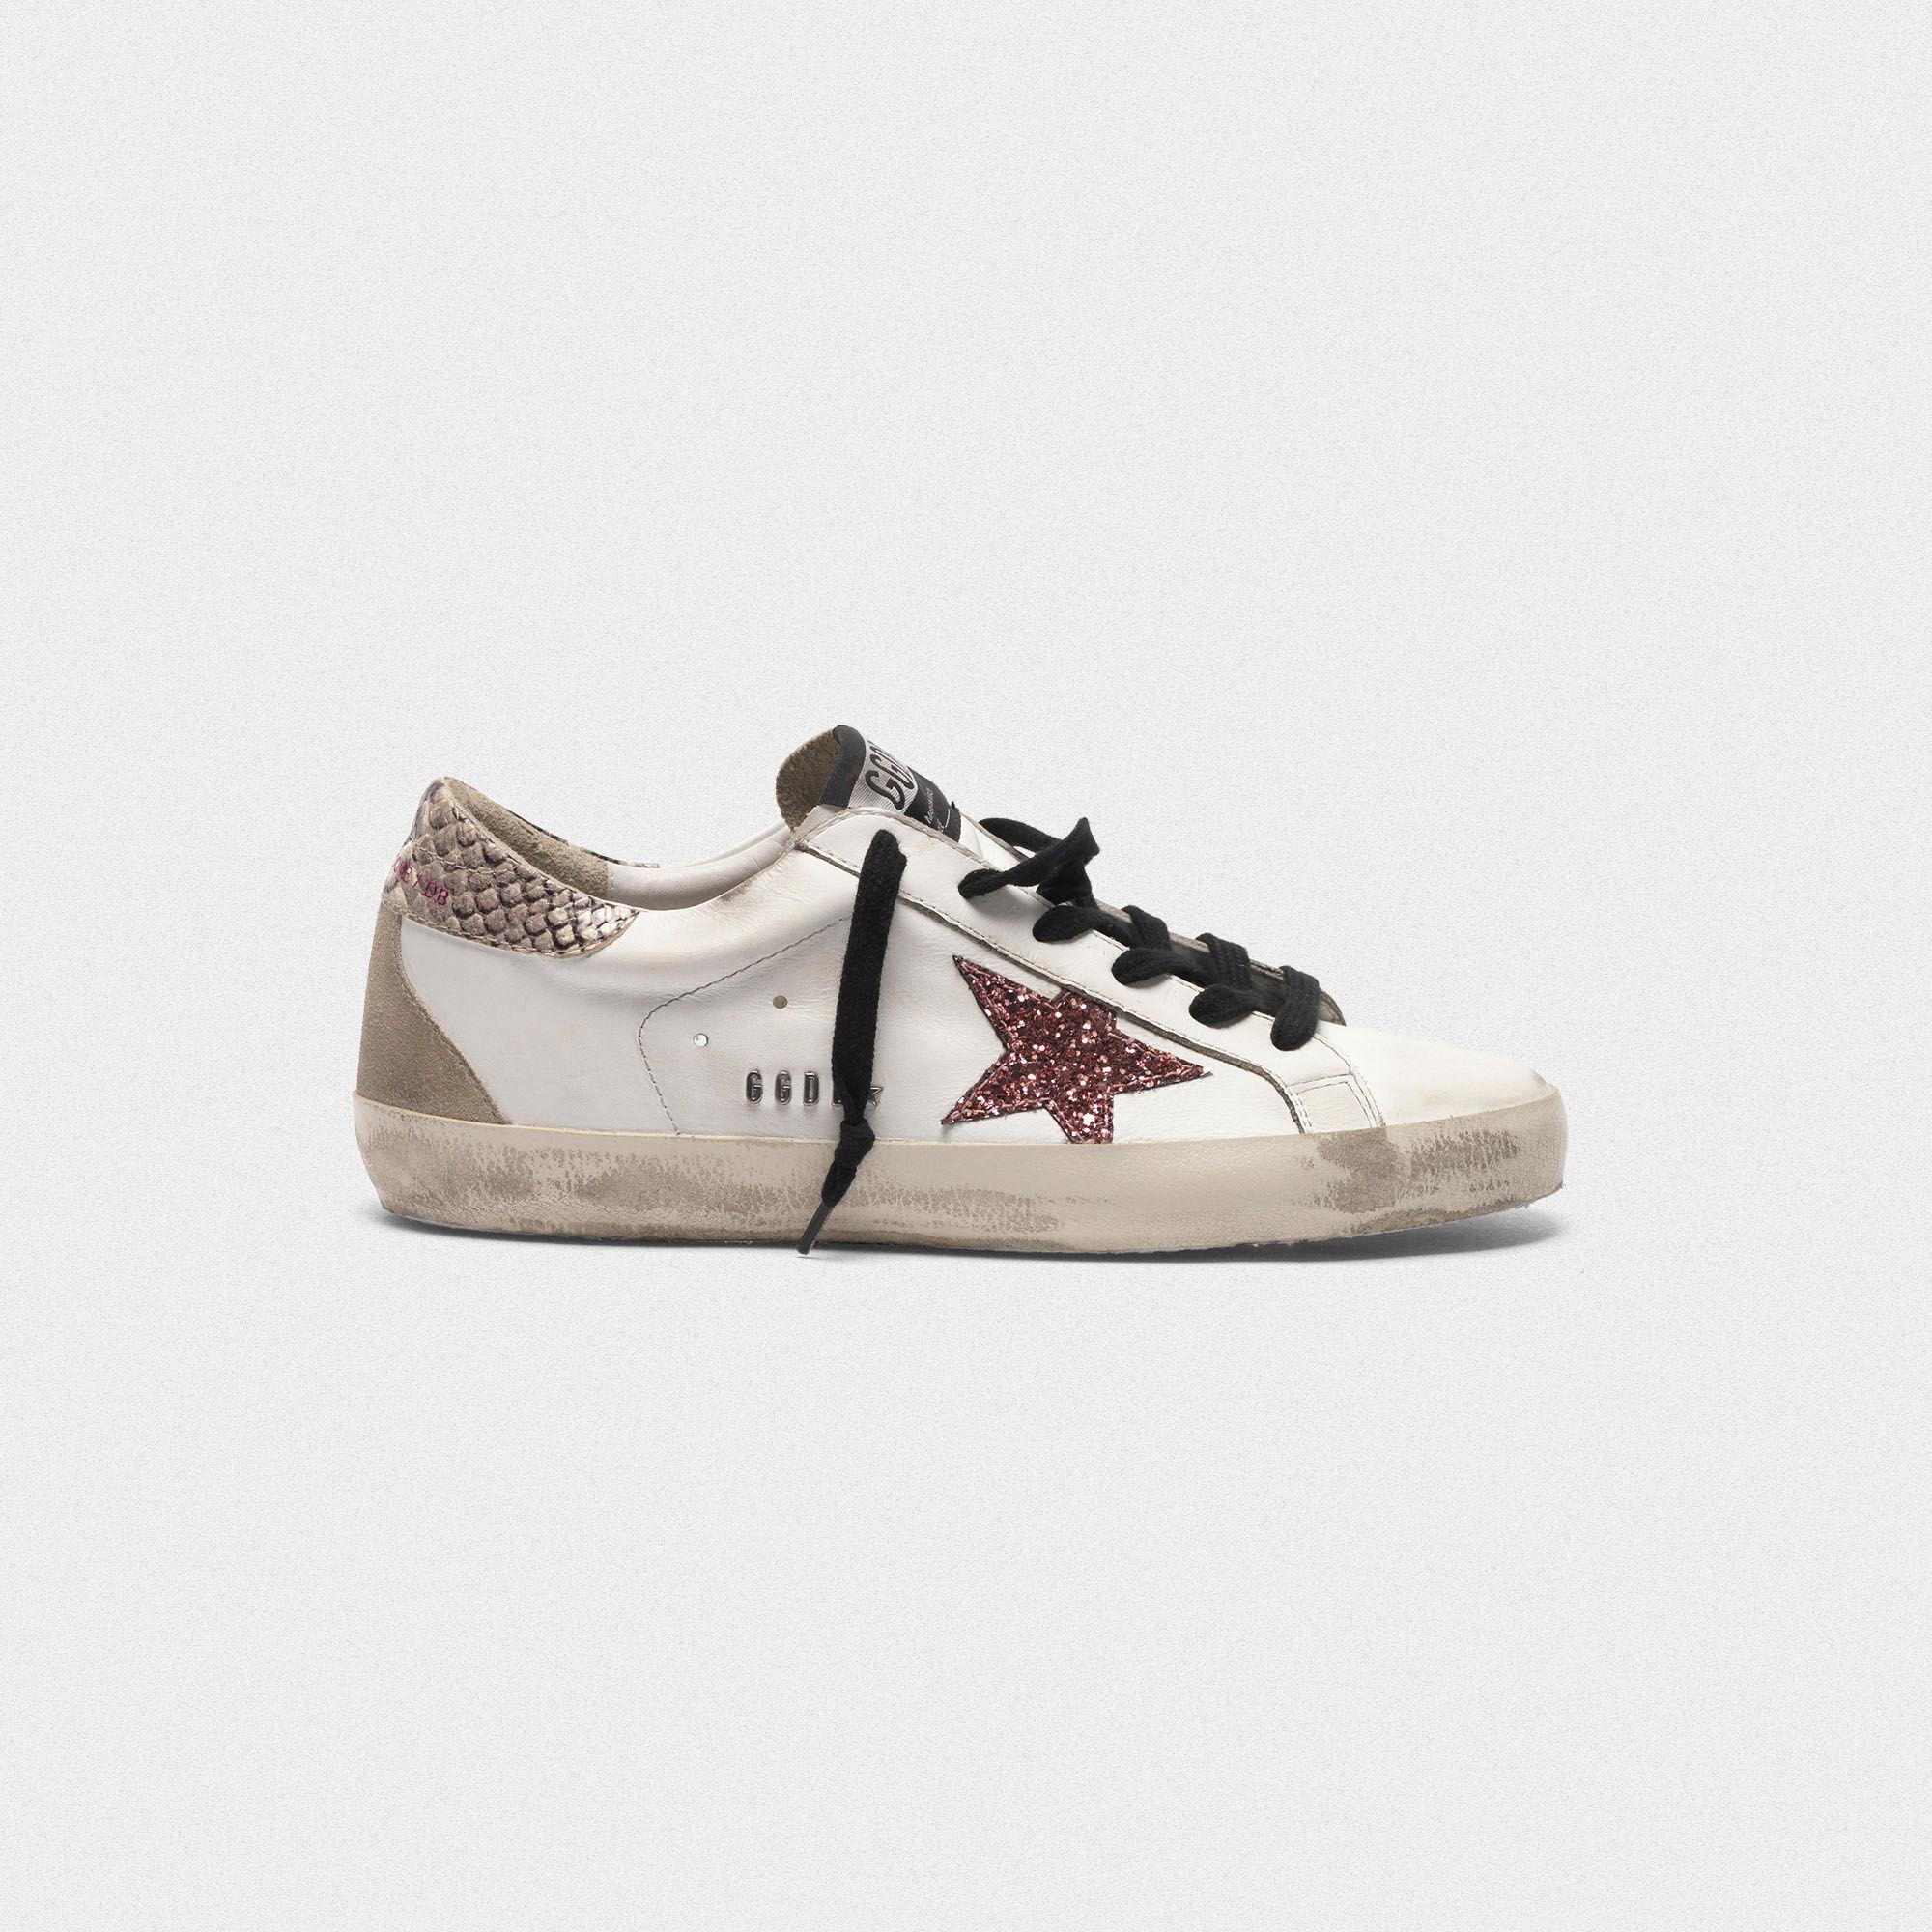 Sneakers Goose Damen Brand SuperstarGolden Deluxe pSUVGqzM